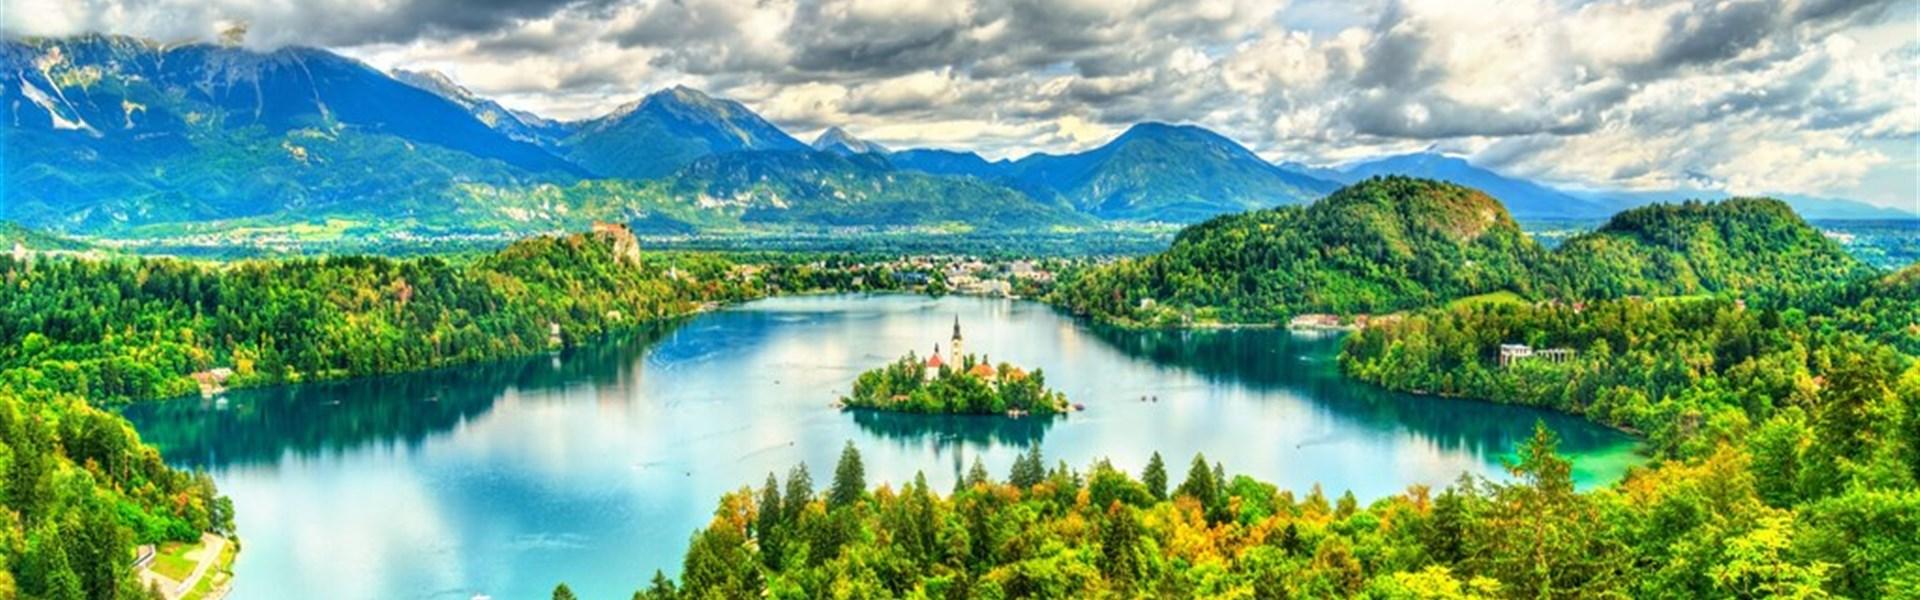 Krásy Slovinska - 8 dní/7 nocí - dlouhý okruh -